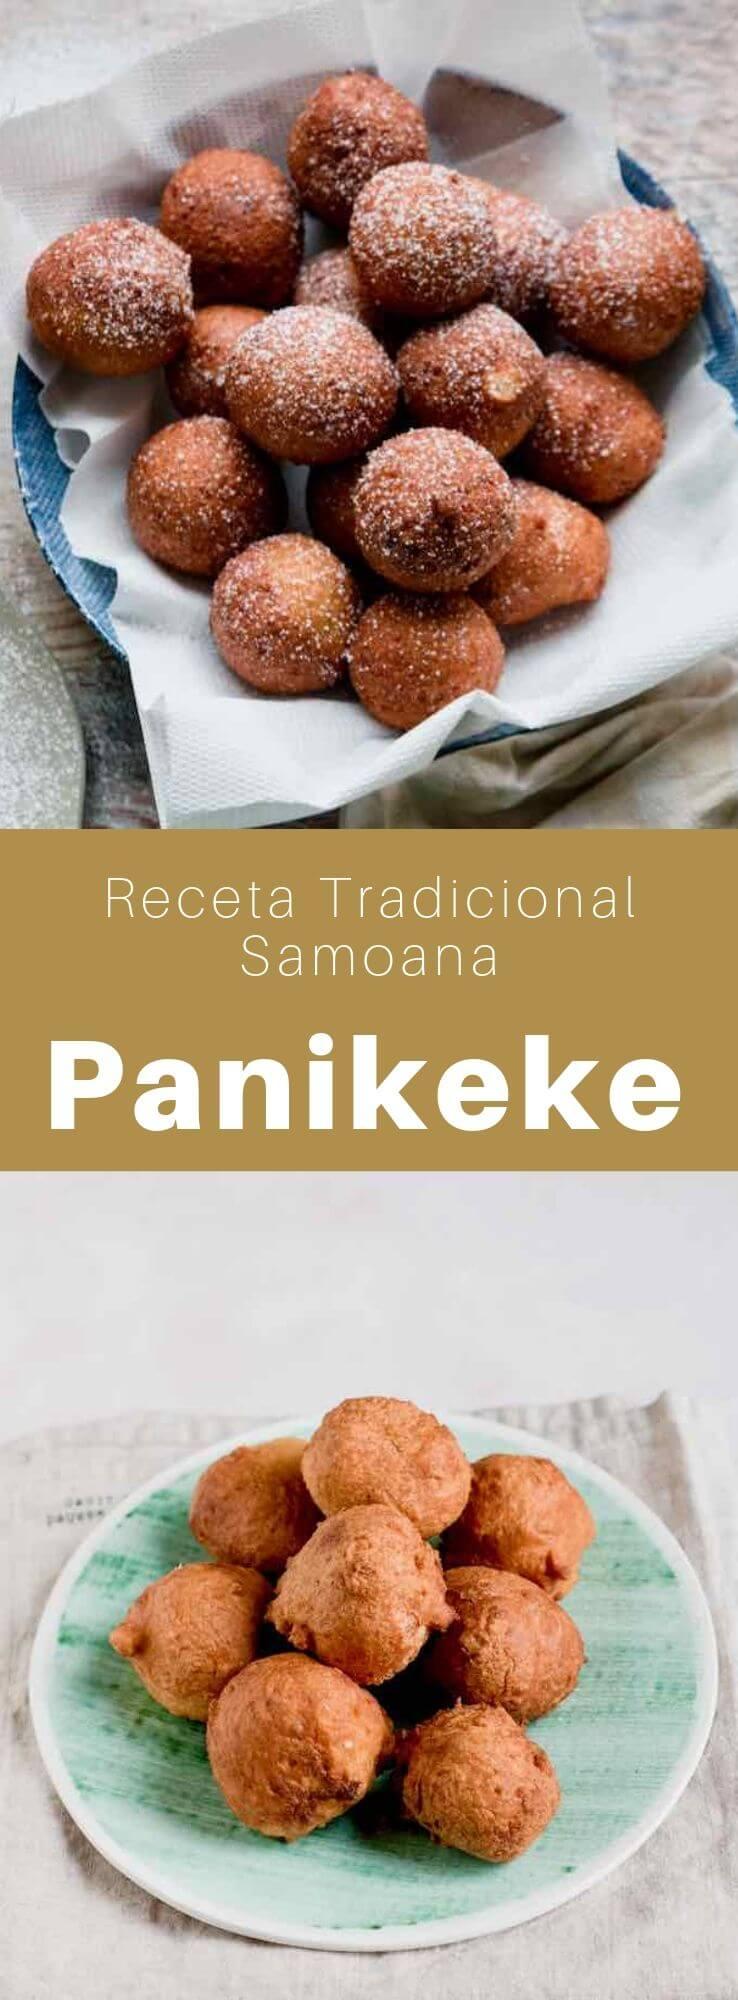 El panikeke, también llamado lapotopoto, keke isite o tama, es un buñuelo dulce y tradicional de Samoa, Tonga y Palau.